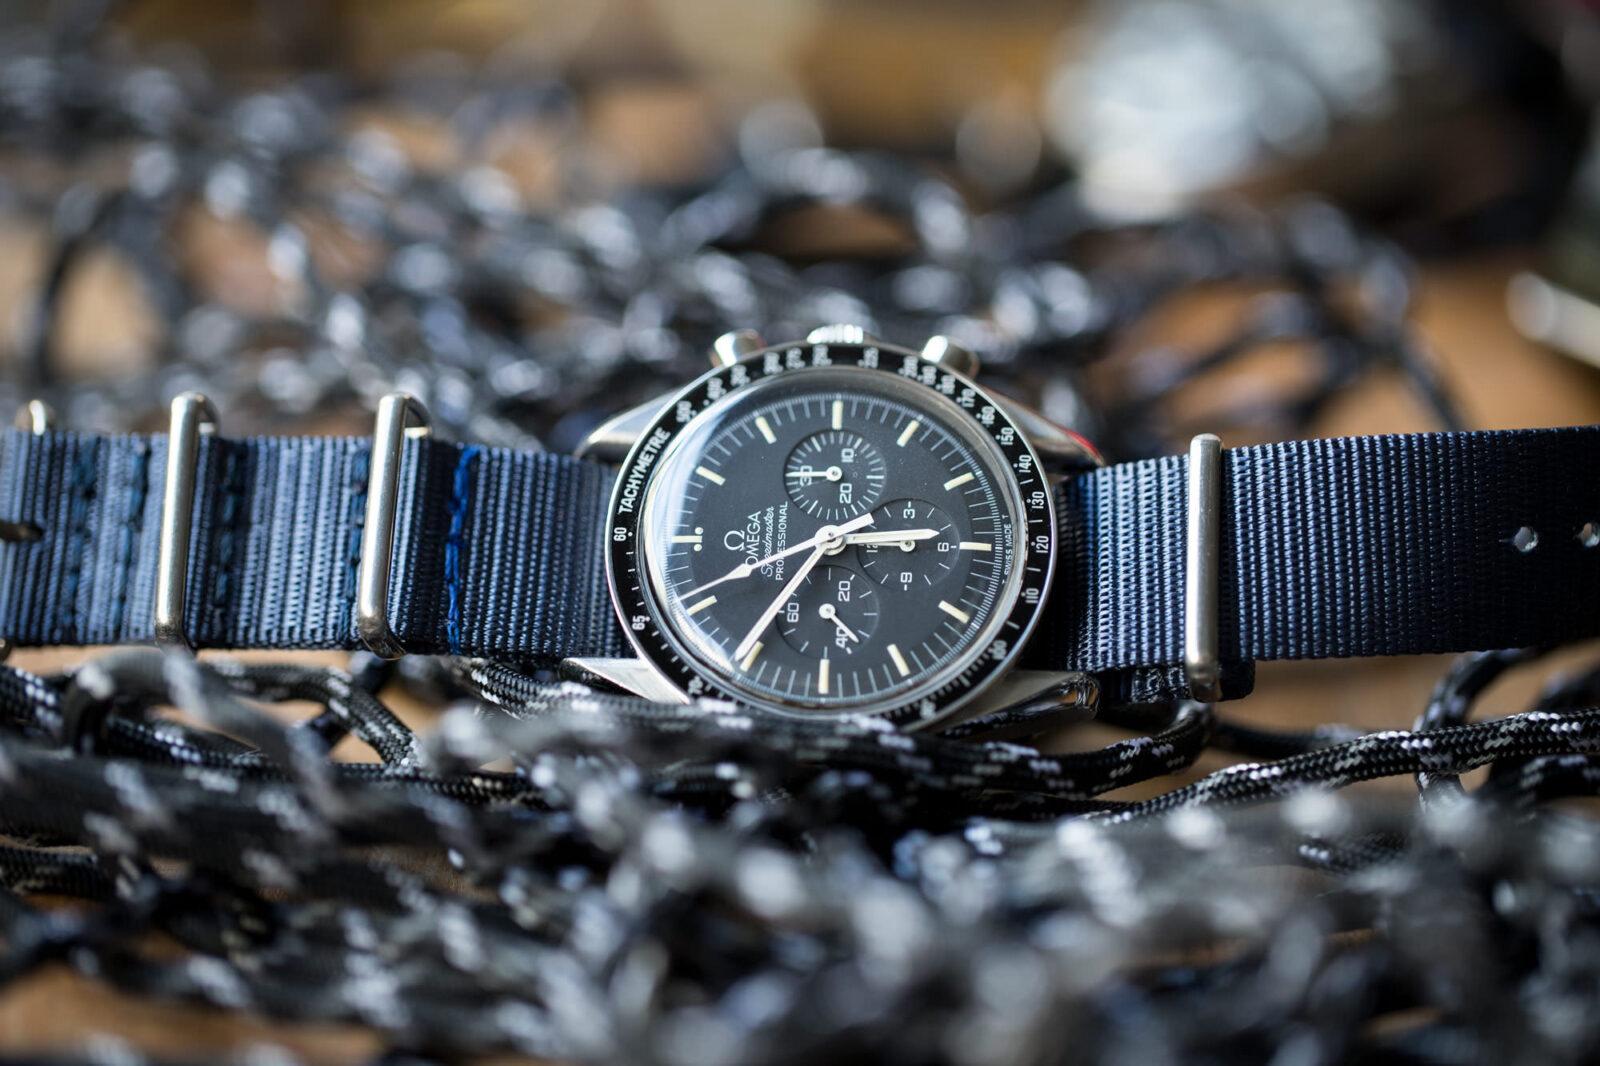 ADPT Watch Strap 1600x1066 - ADPT Watch Strap